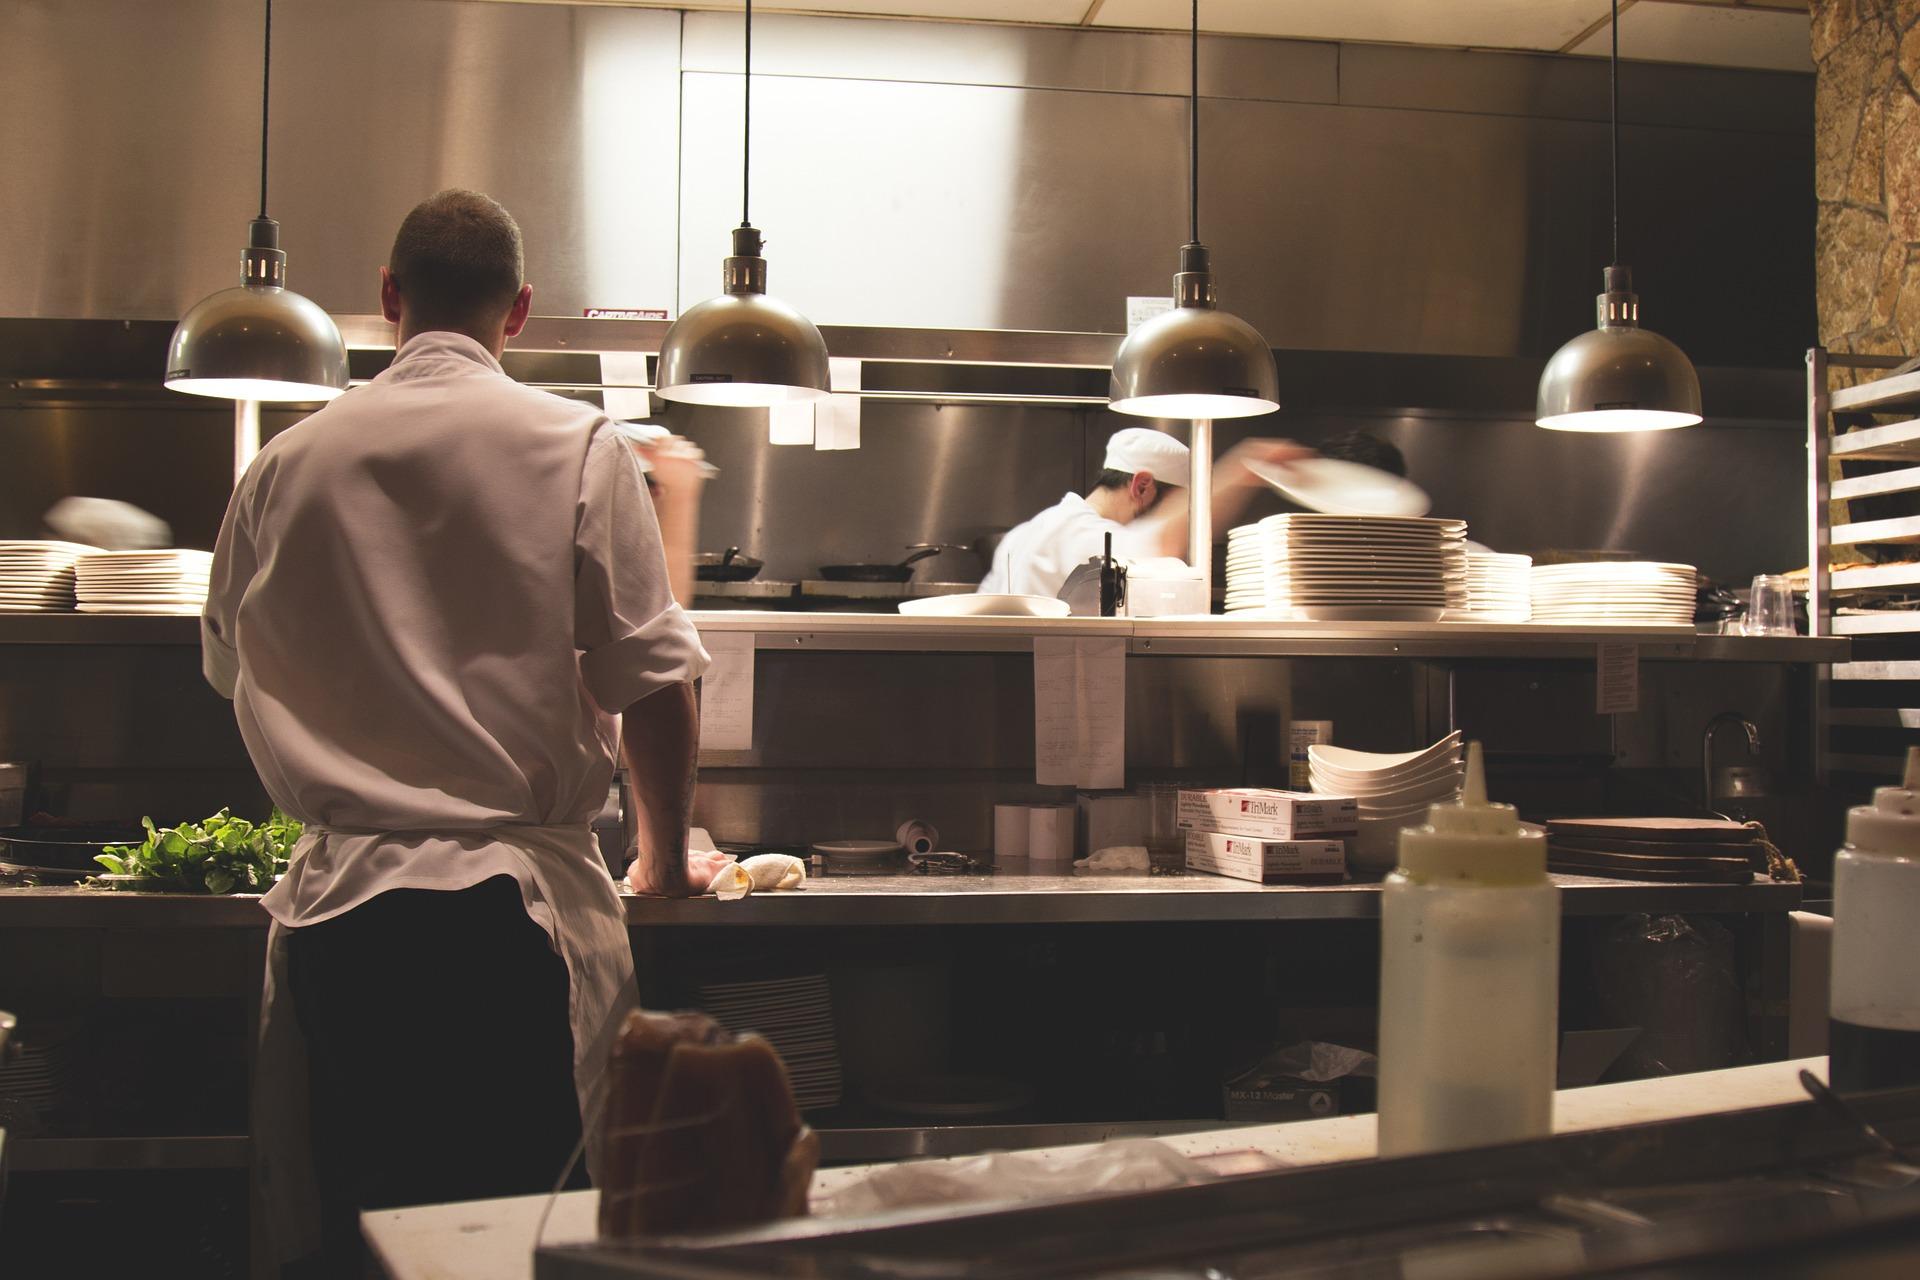 Alles wat je moet weten over RVS werktafels in de keuken #keuken #keukeninspiratie